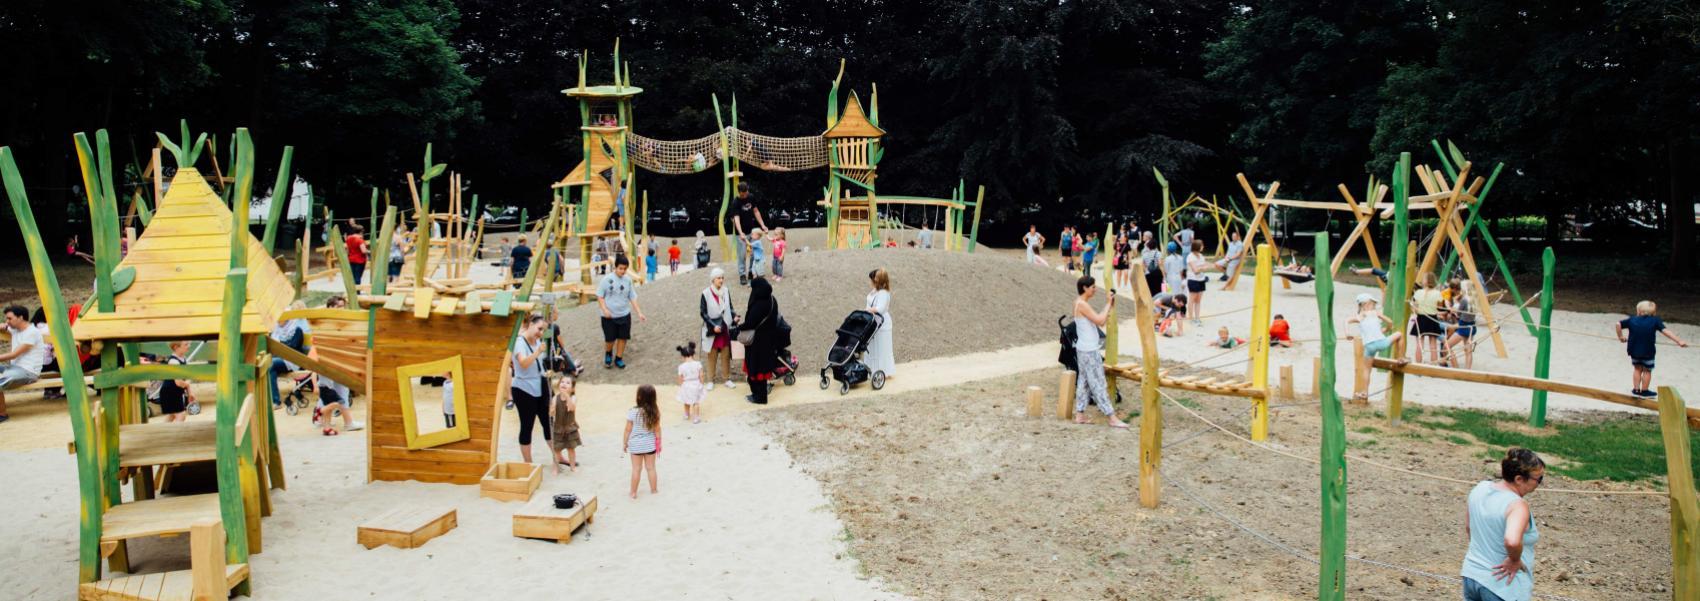 speeltuin in Drie Fonteinen